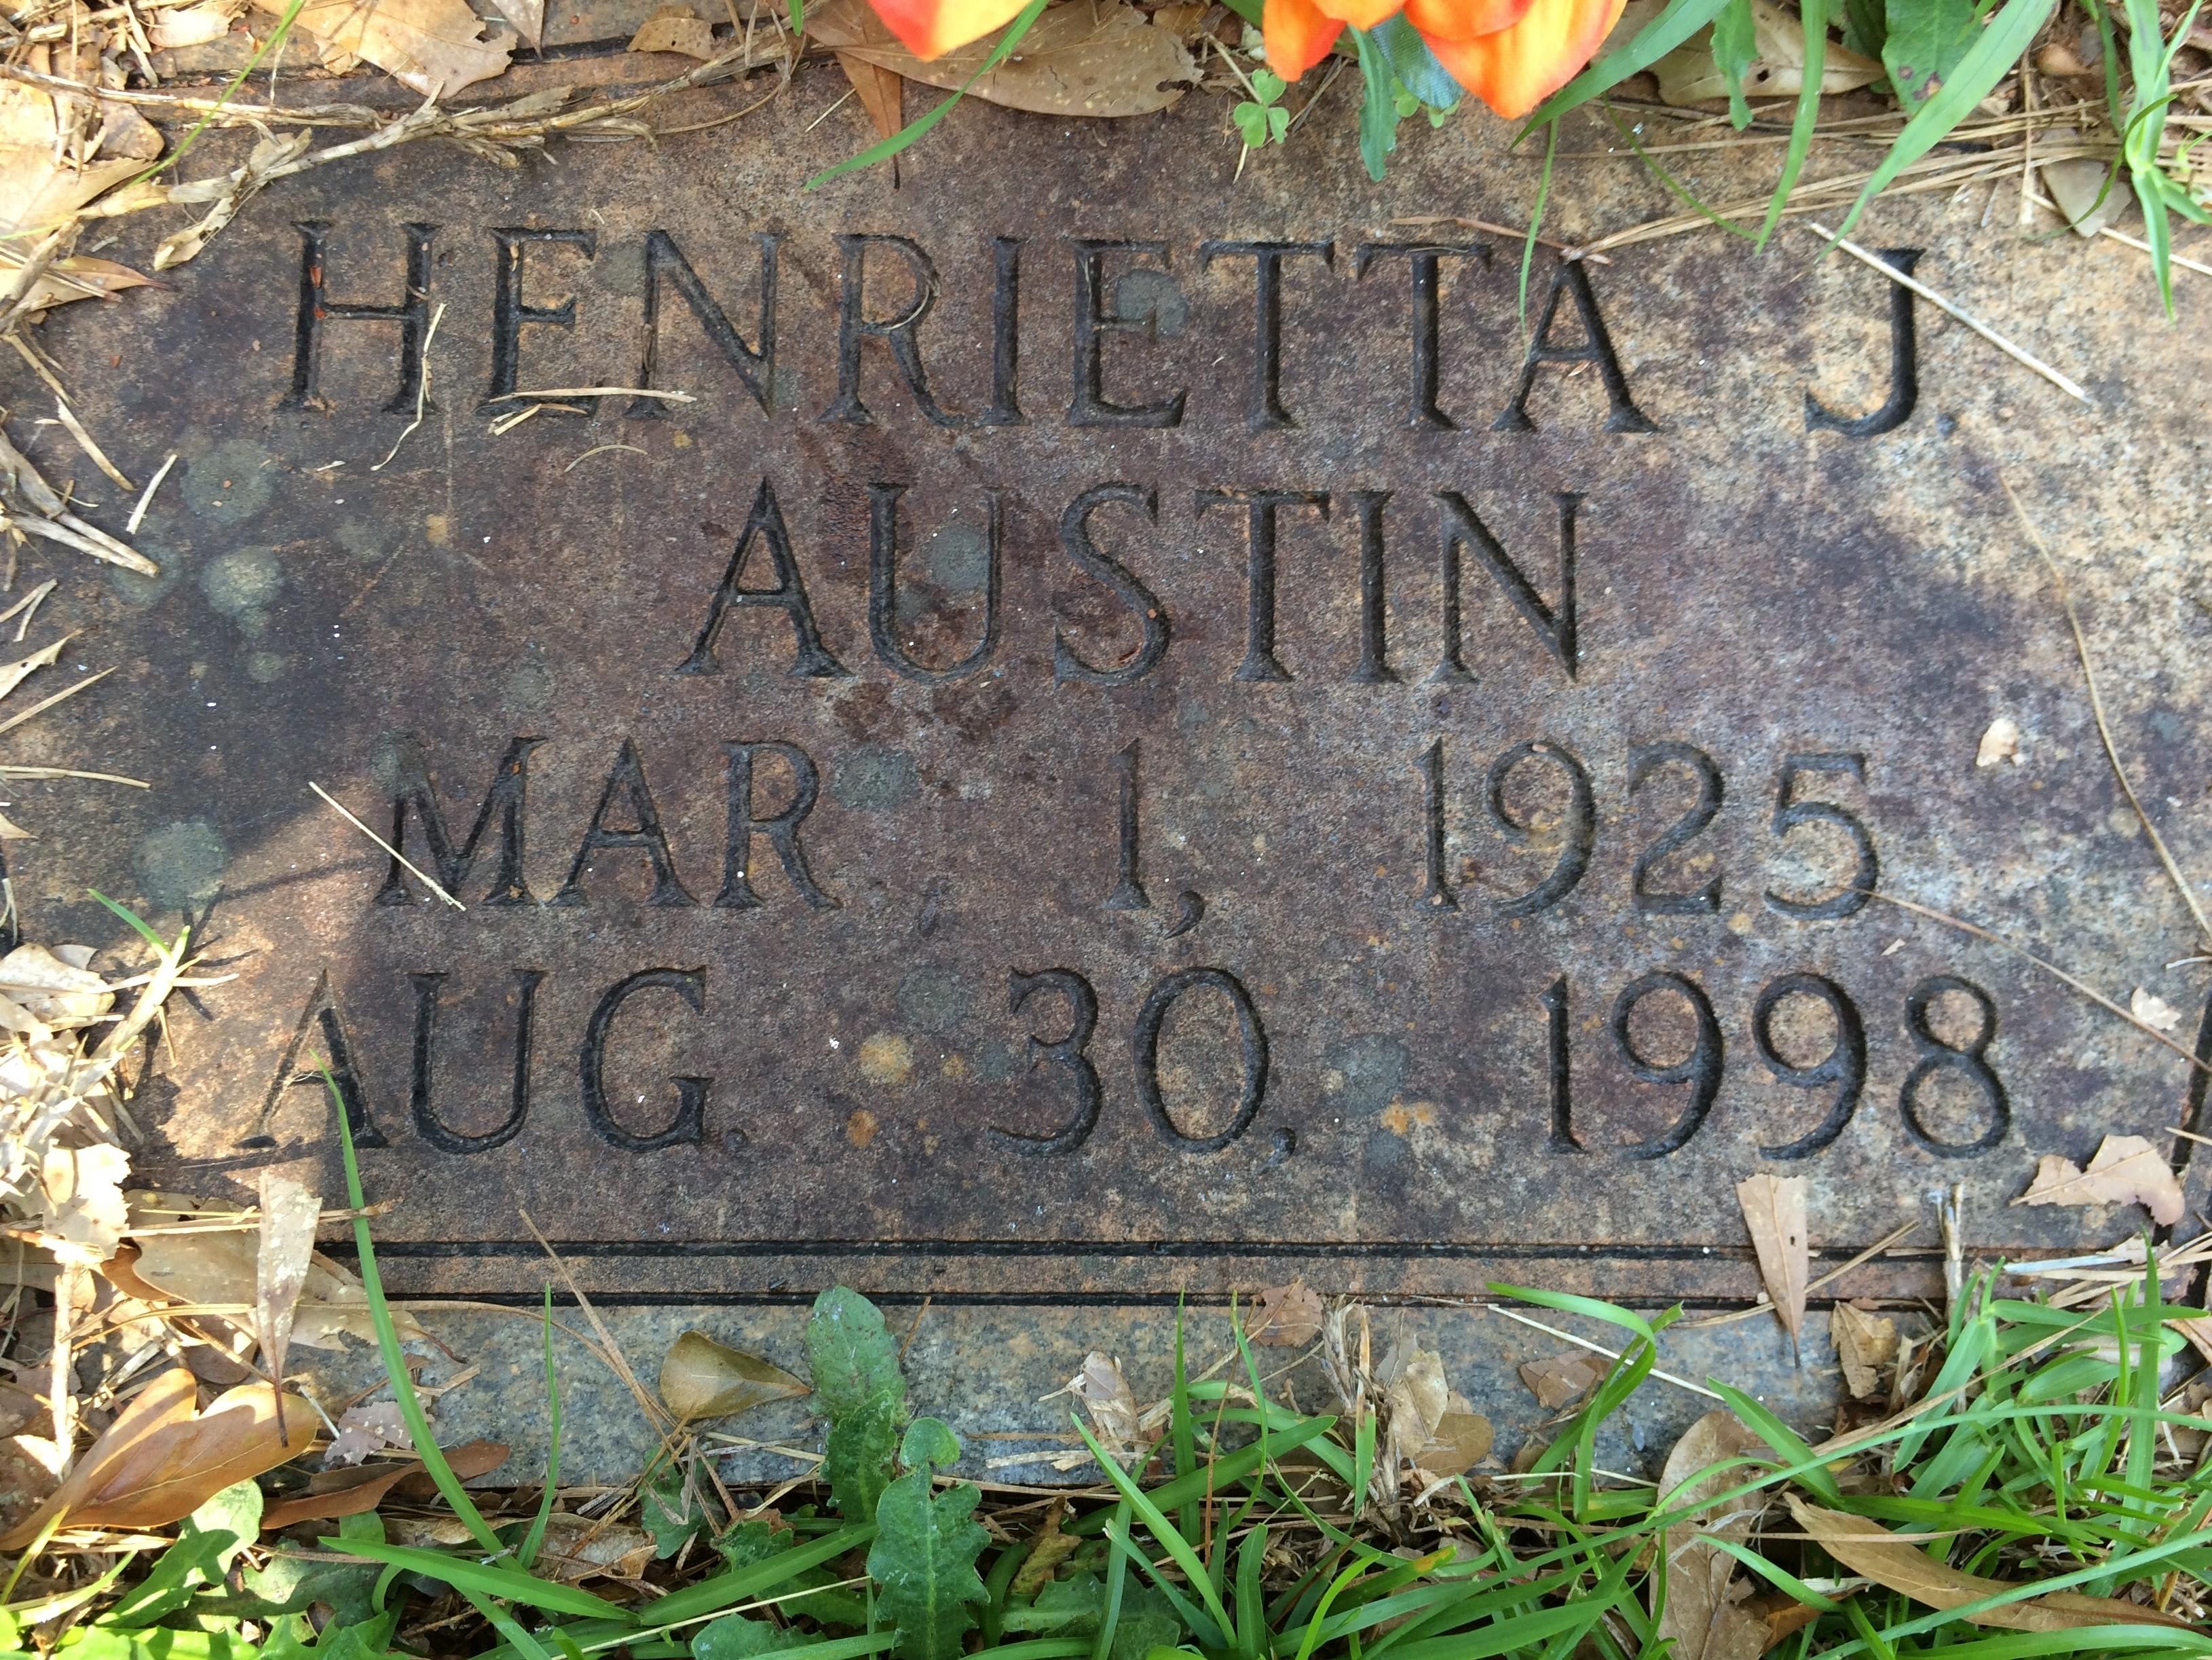 Henrietta J. Austin